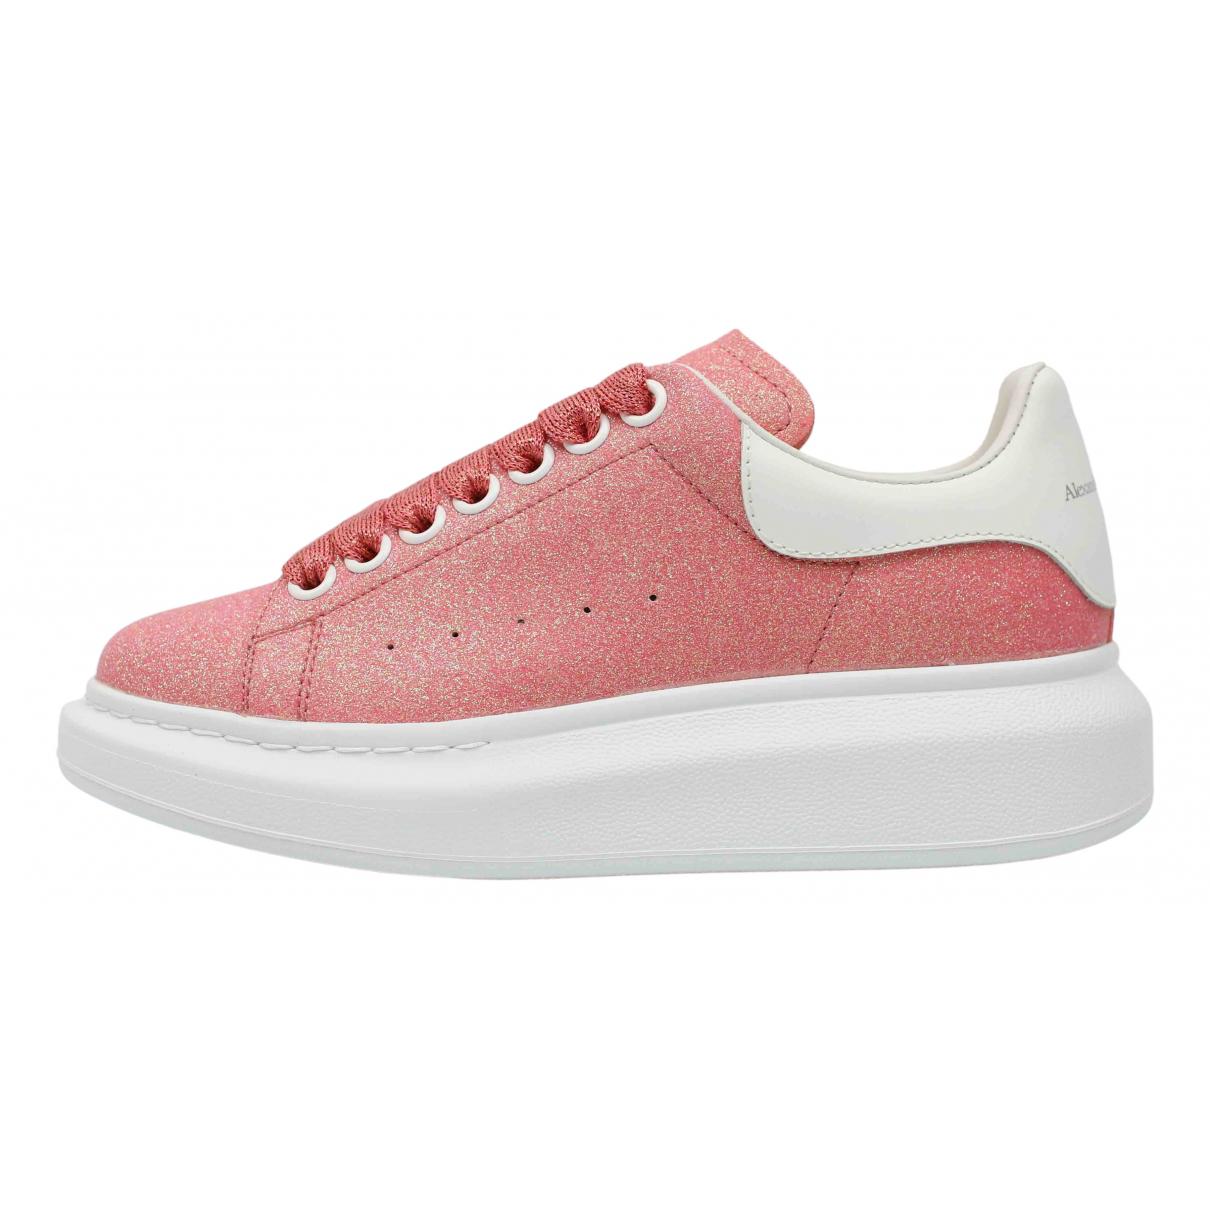 Alexander Mcqueen - Baskets Oversize pour femme en a paillettes - rose